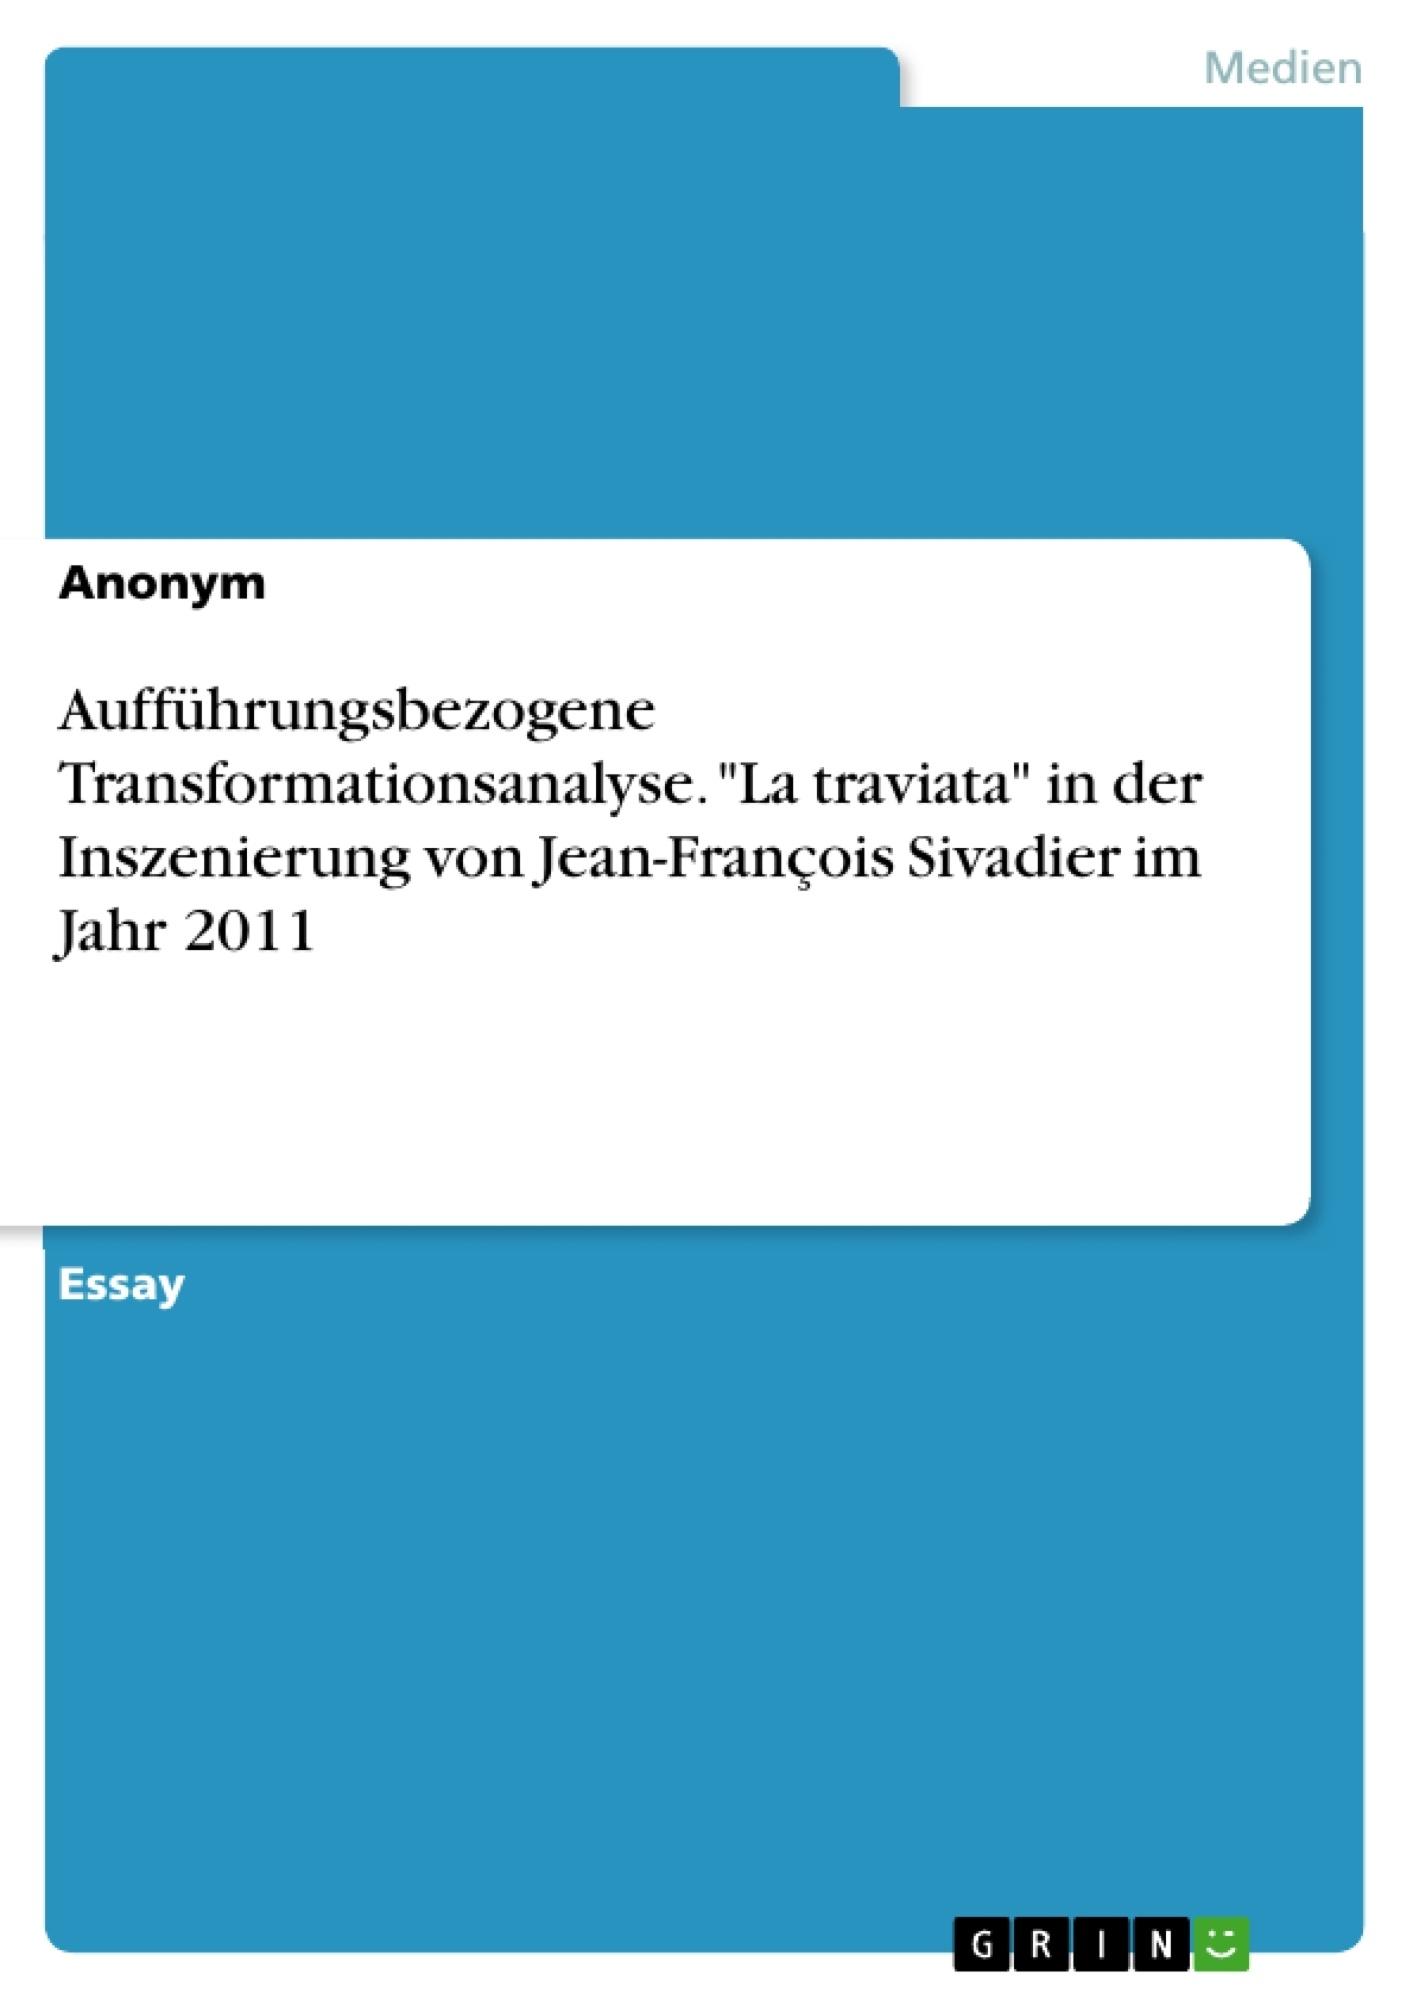 """Titel: Aufführungsbezogene Transformationsanalyse. """"La traviata"""" in der Inszenierung von Jean-François Sivadier im Jahr 2011"""